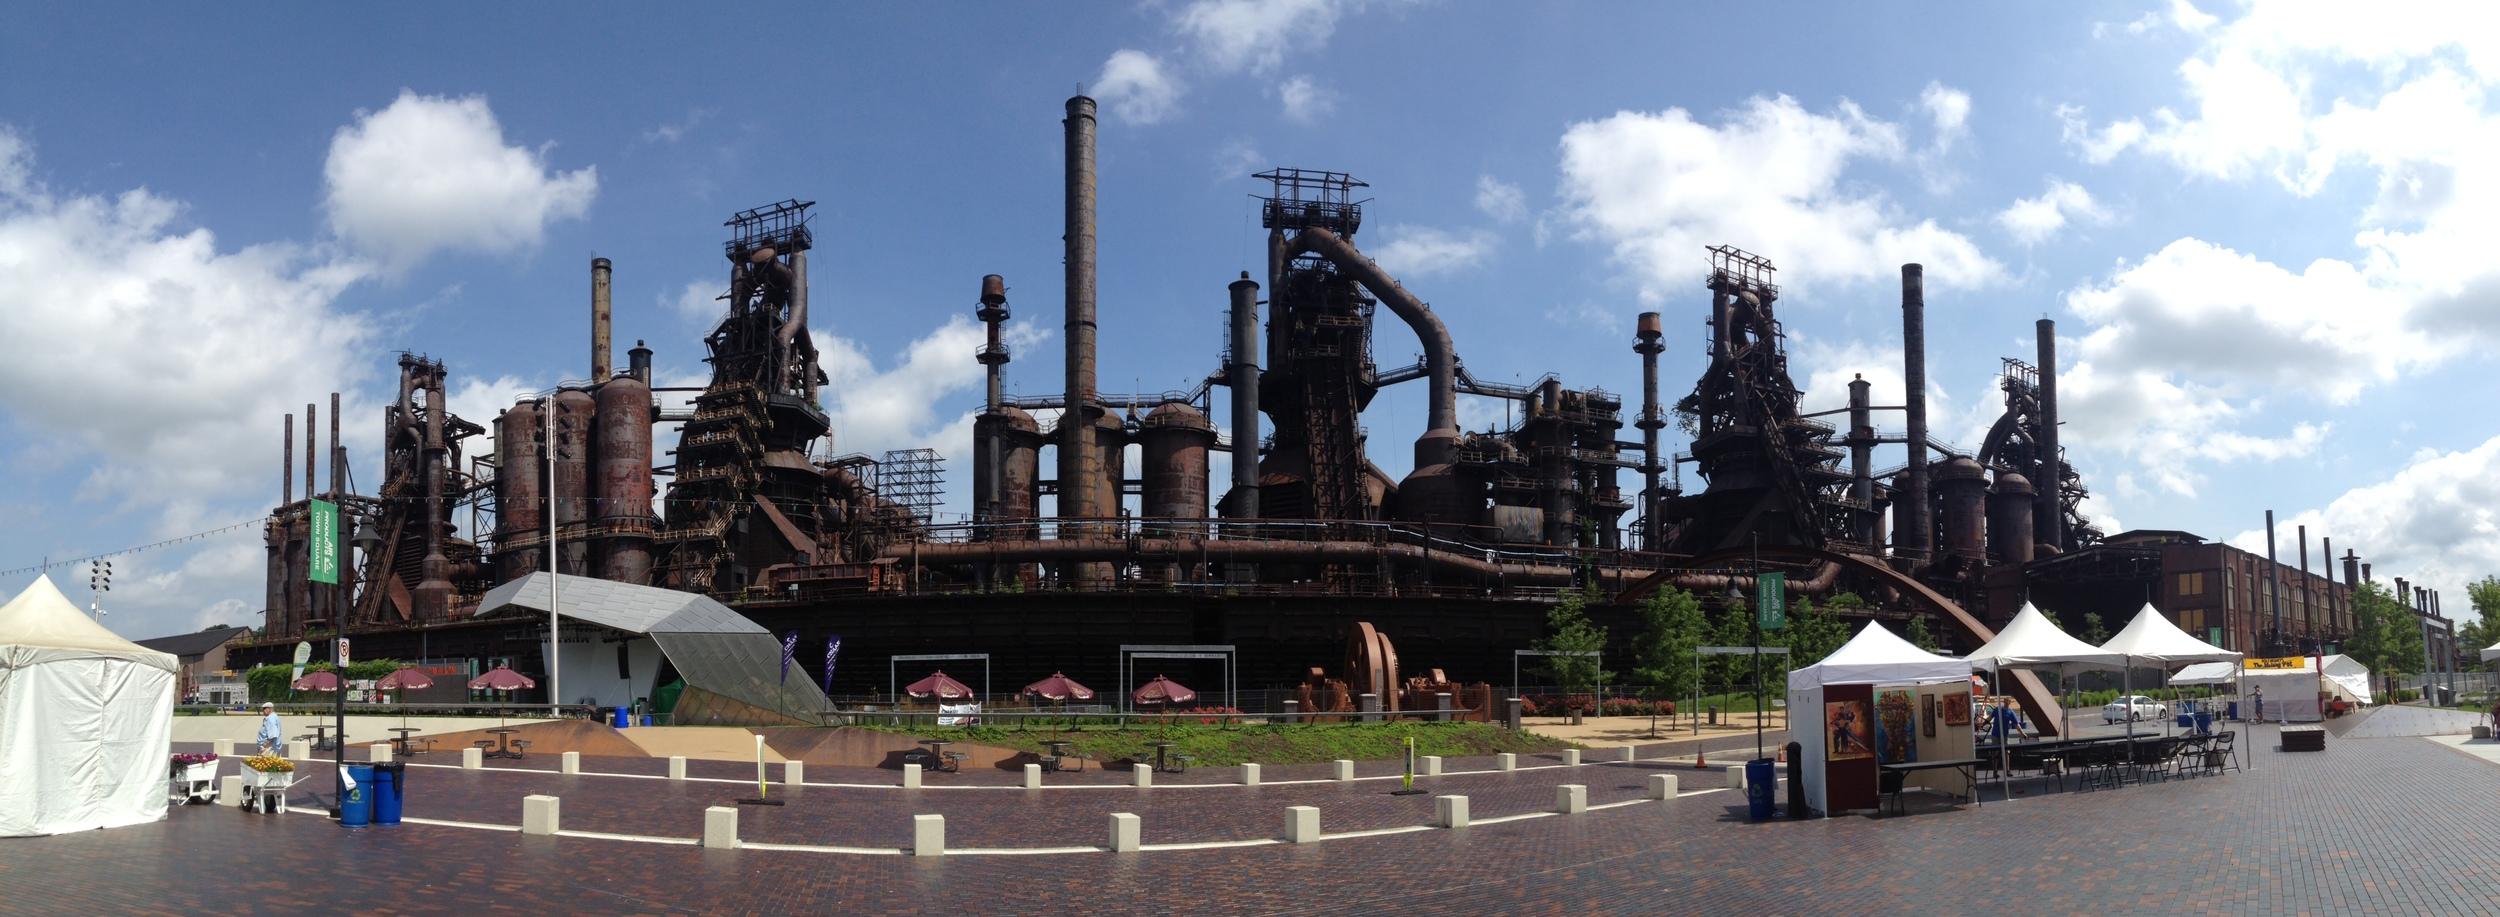 Bethlehem Steel Stacks Panorama